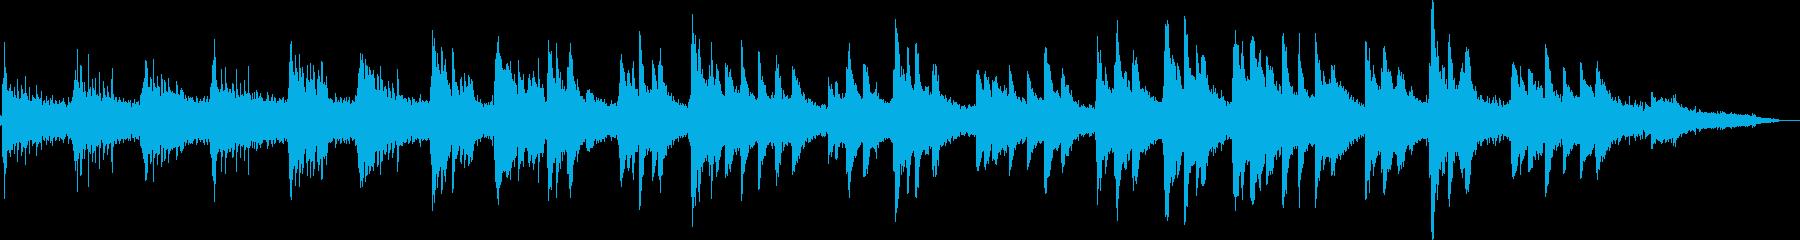 ピアノとシンセによる雪のイメージの再生済みの波形